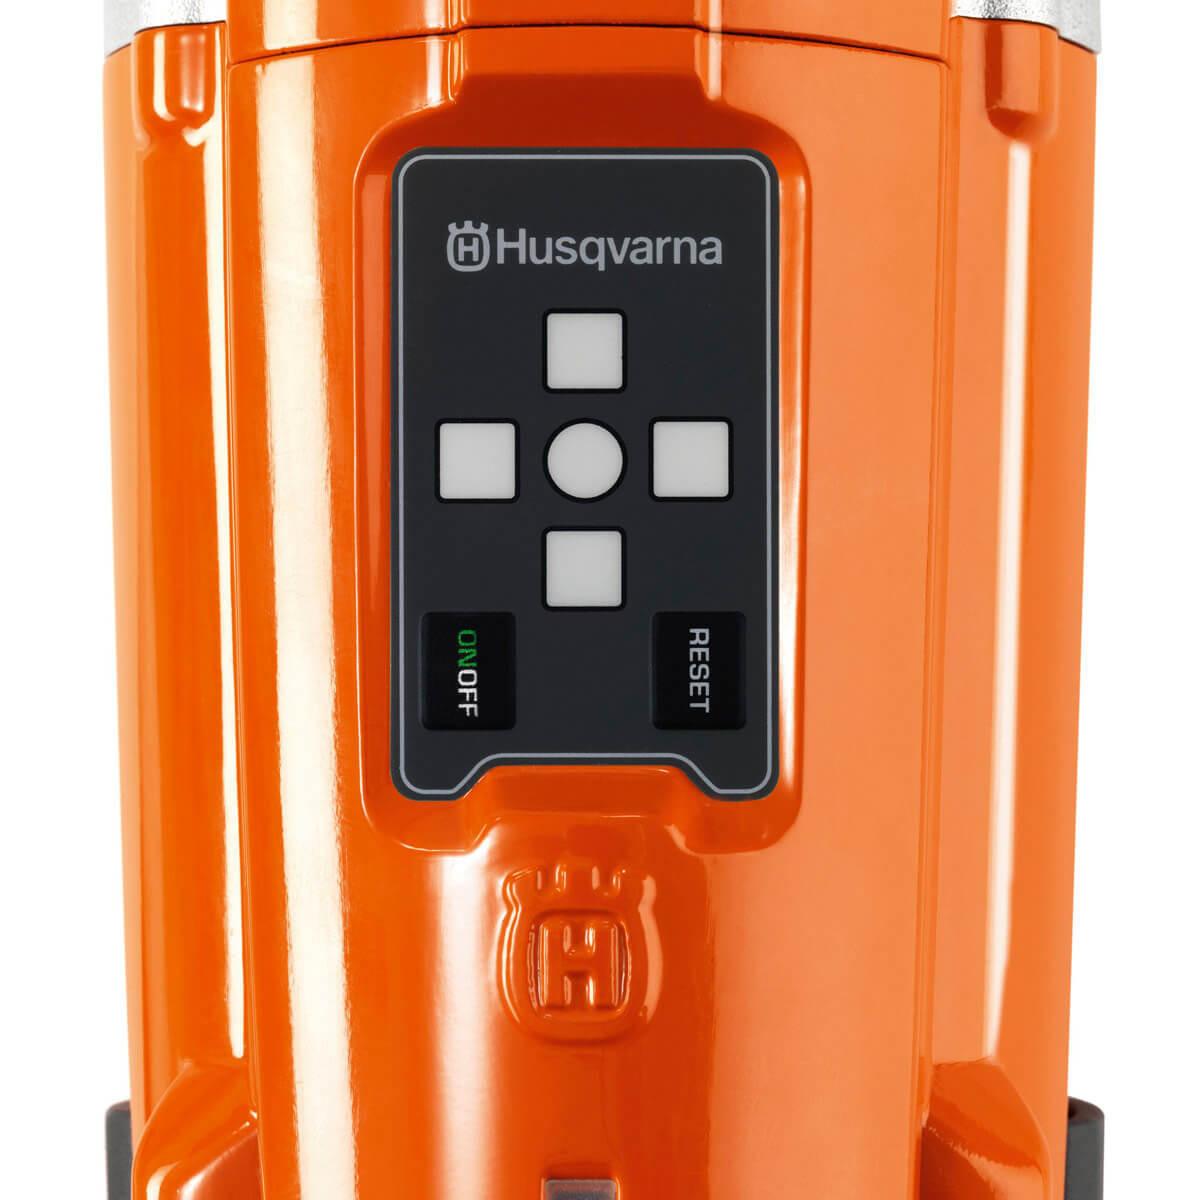 966563503 Husqvarna DM 220 drill